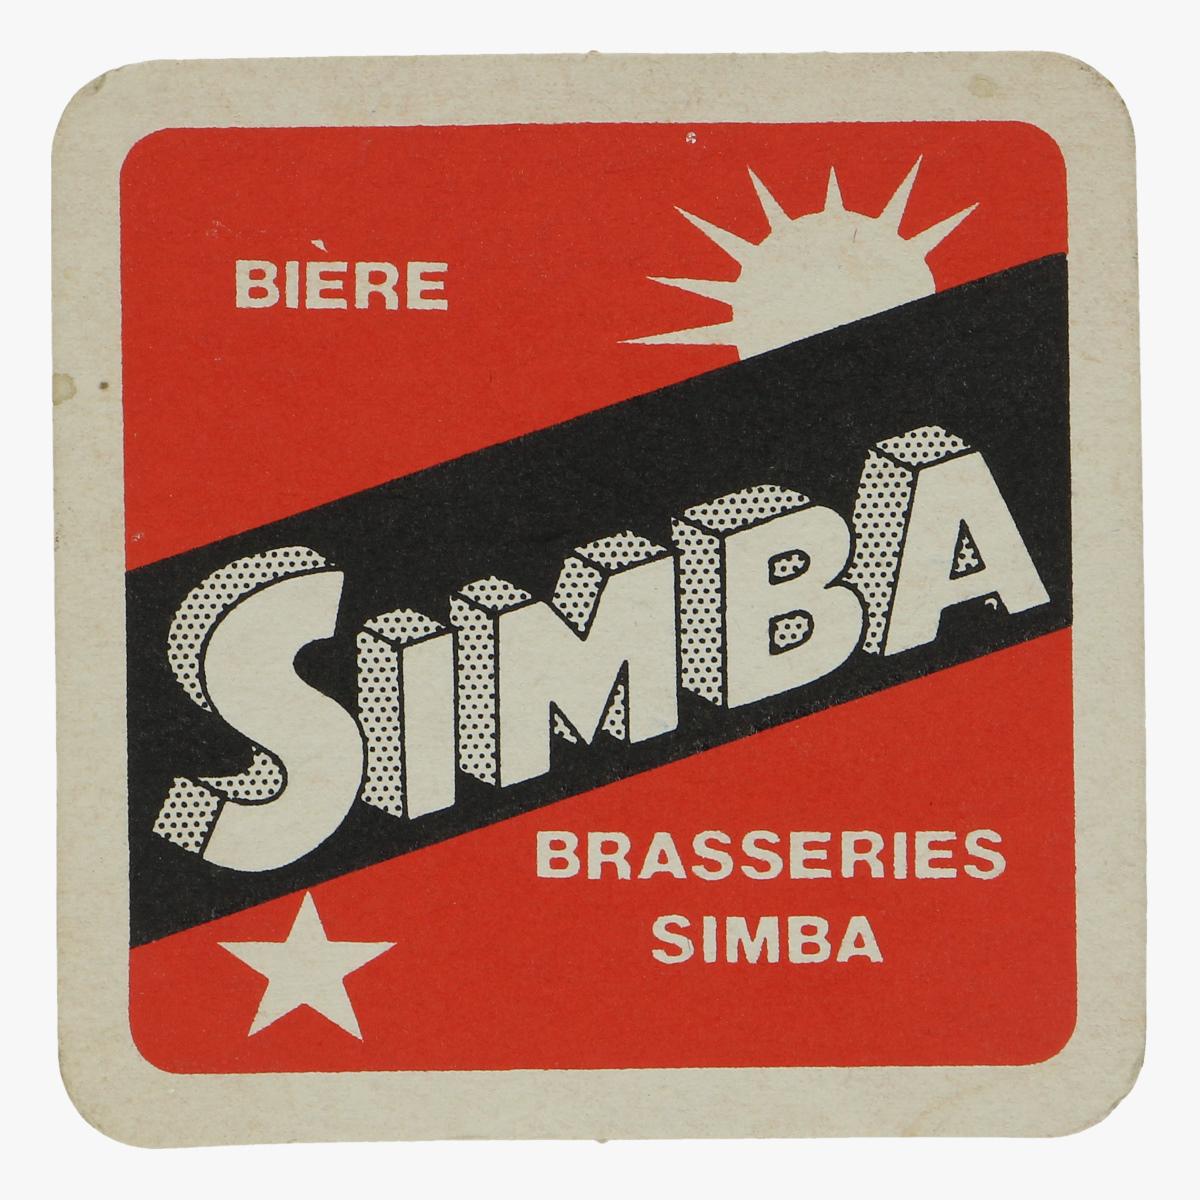 Afbeeldingen van bierkaartje Simba